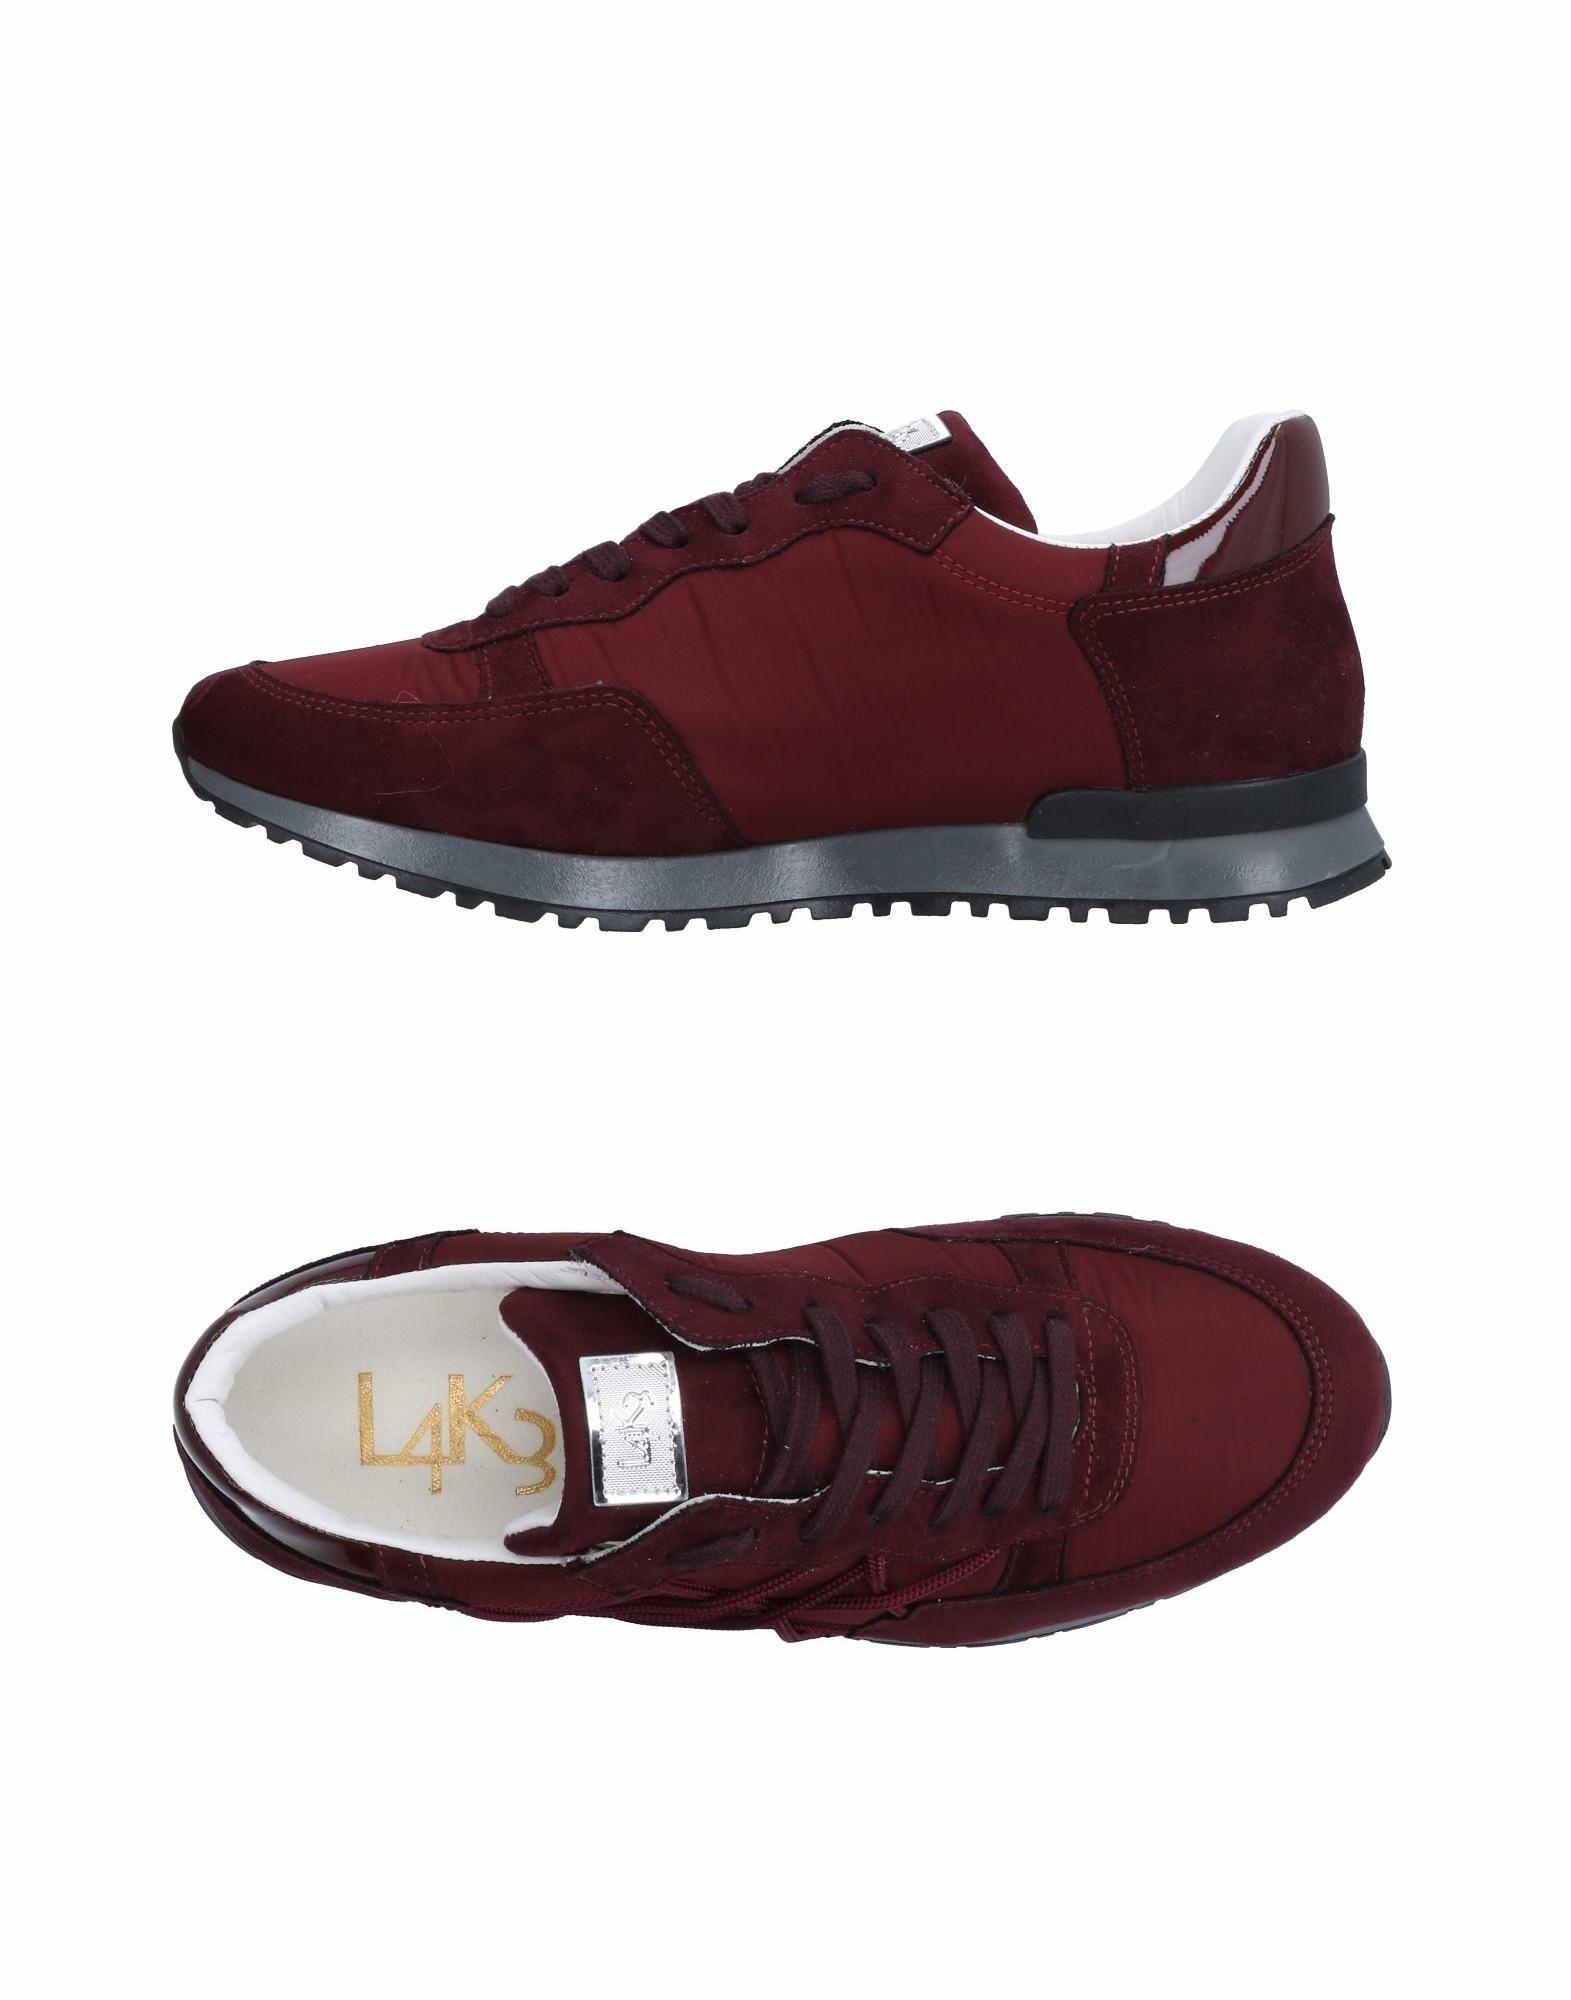 Sneakers L4k3 Homme - Sneakers L4k3  Noir Super rabais